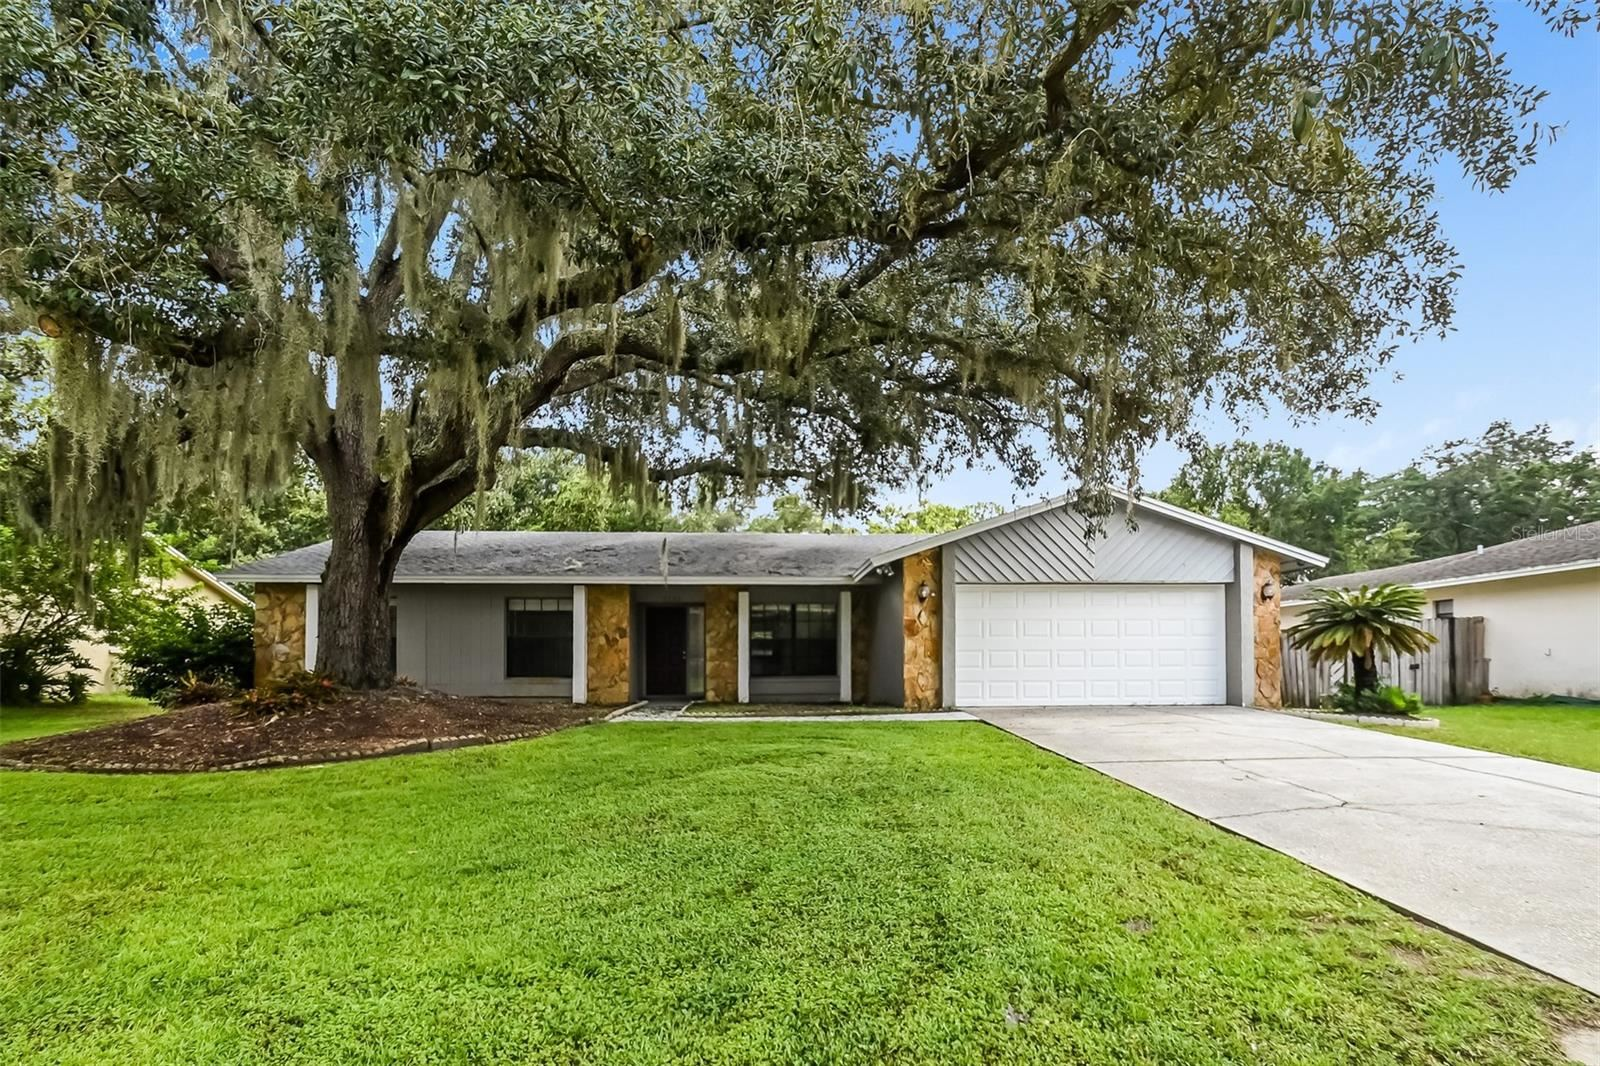 9709 WOODLAND RIDGE DRIVE, Temple Terrace, FL 33637 - #: T3332101